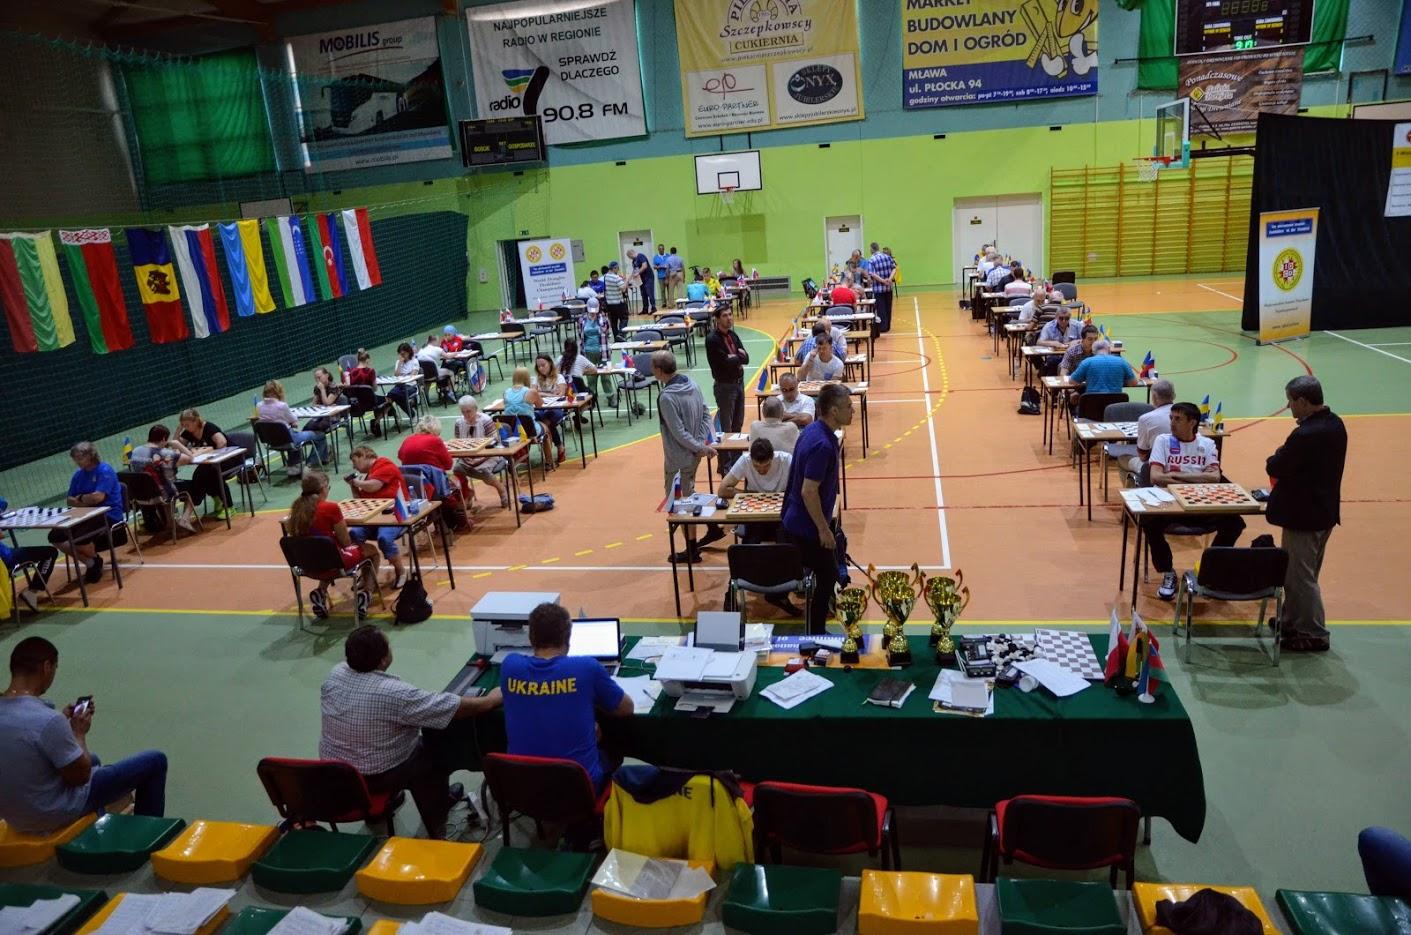 В Польше завершились чемпионат и первенство мира по шашкам среди спортсменов с ограниченными возможностями здоровья